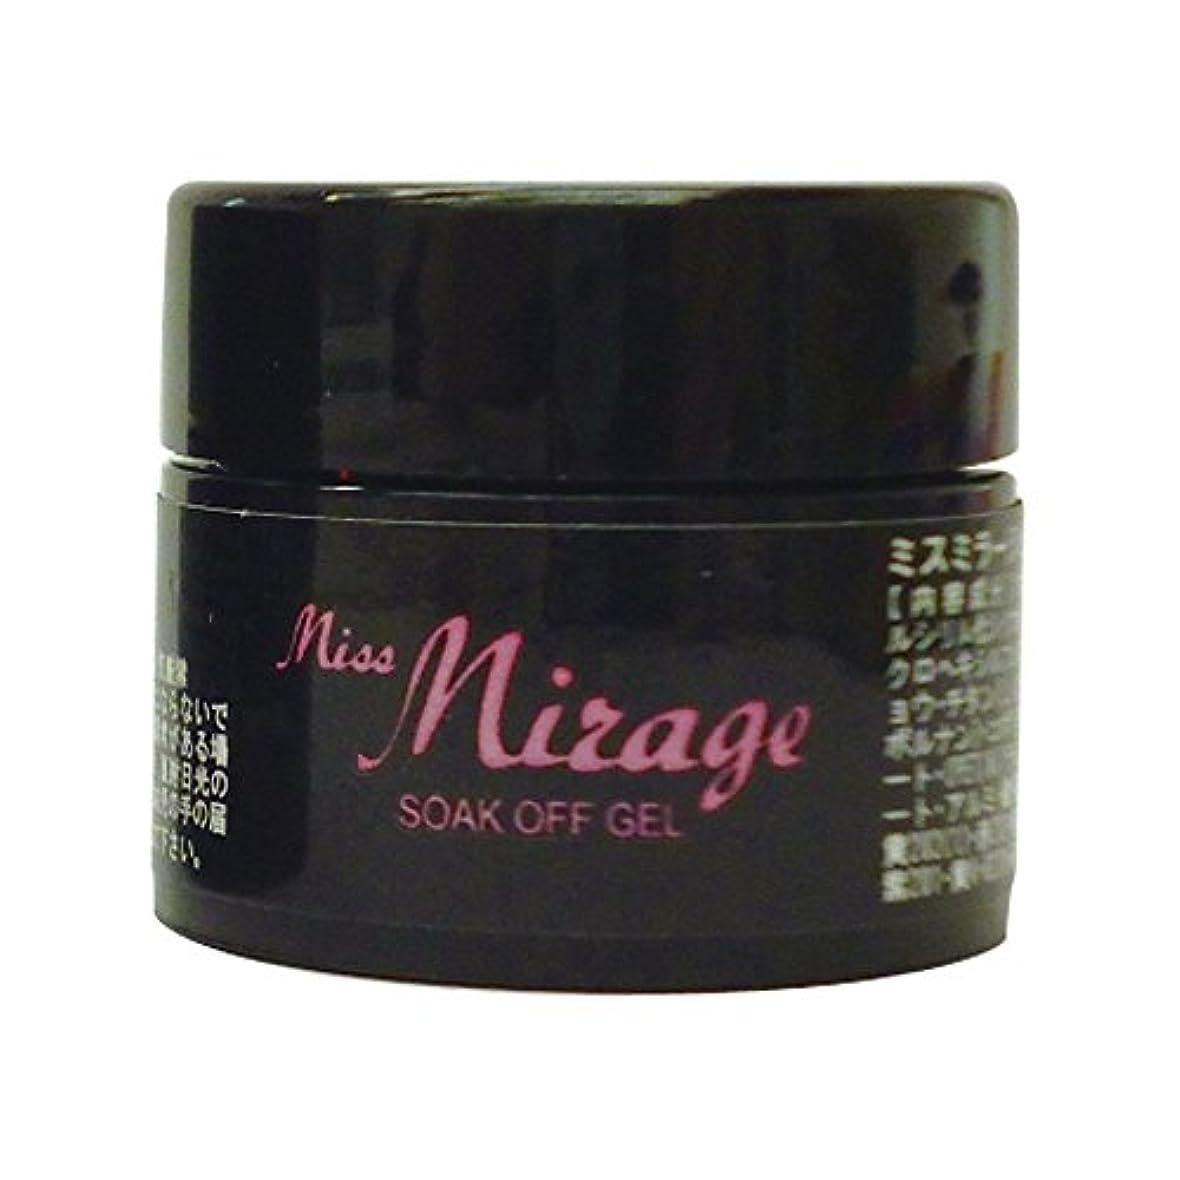 提案するミニチュア若者Miss Mirage ソークオフジェル TM36S 2.5g トゥルーリーダークブラウン